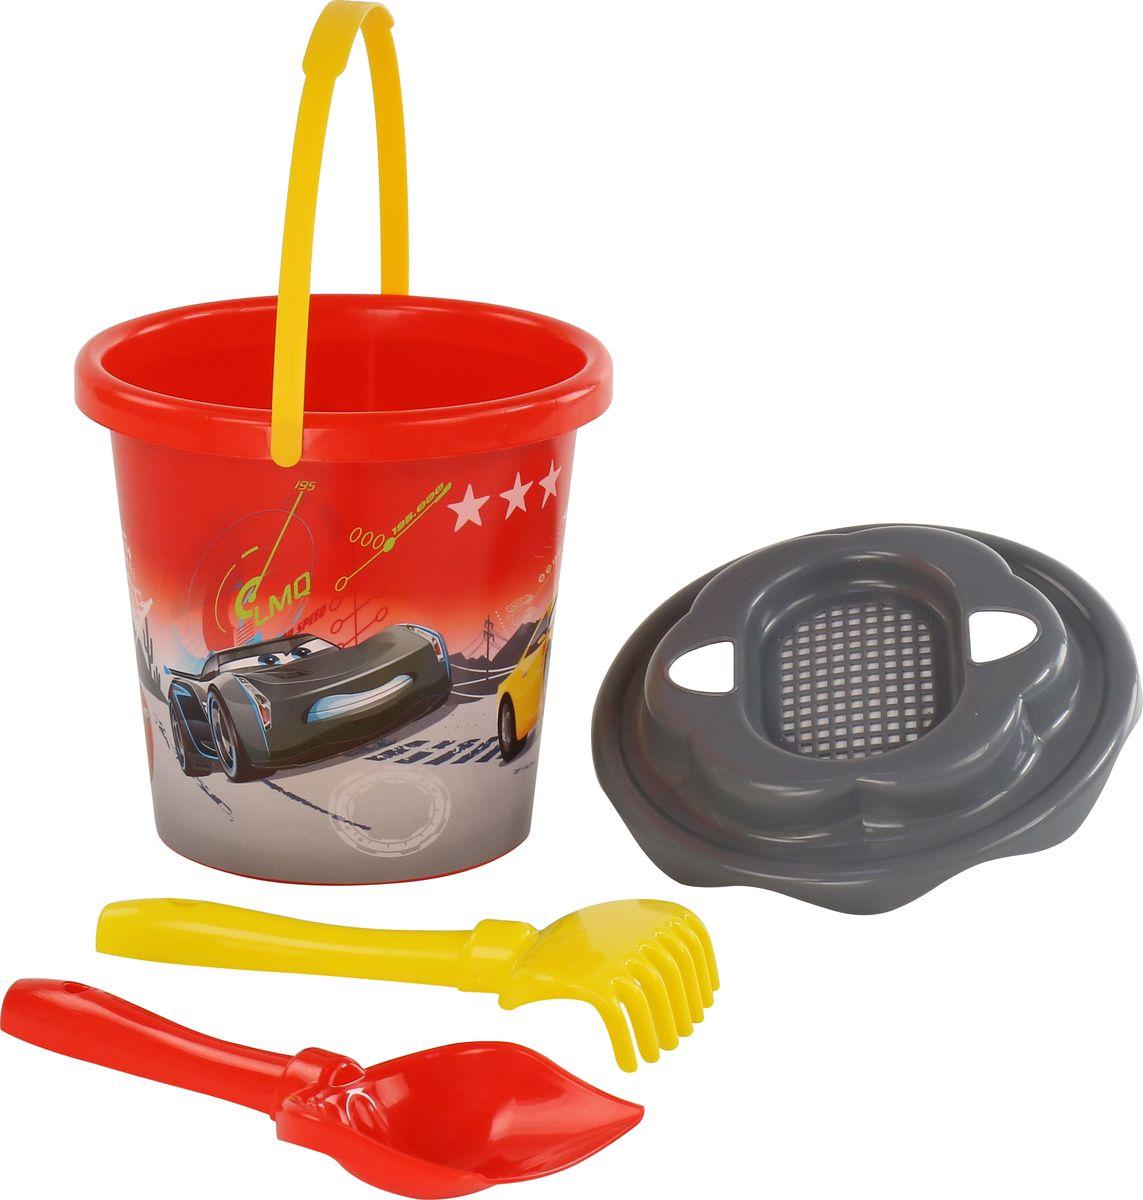 Disney / Pixar Набор игрушек для песочницы №19, 4 предмета, цвет в ассортименте